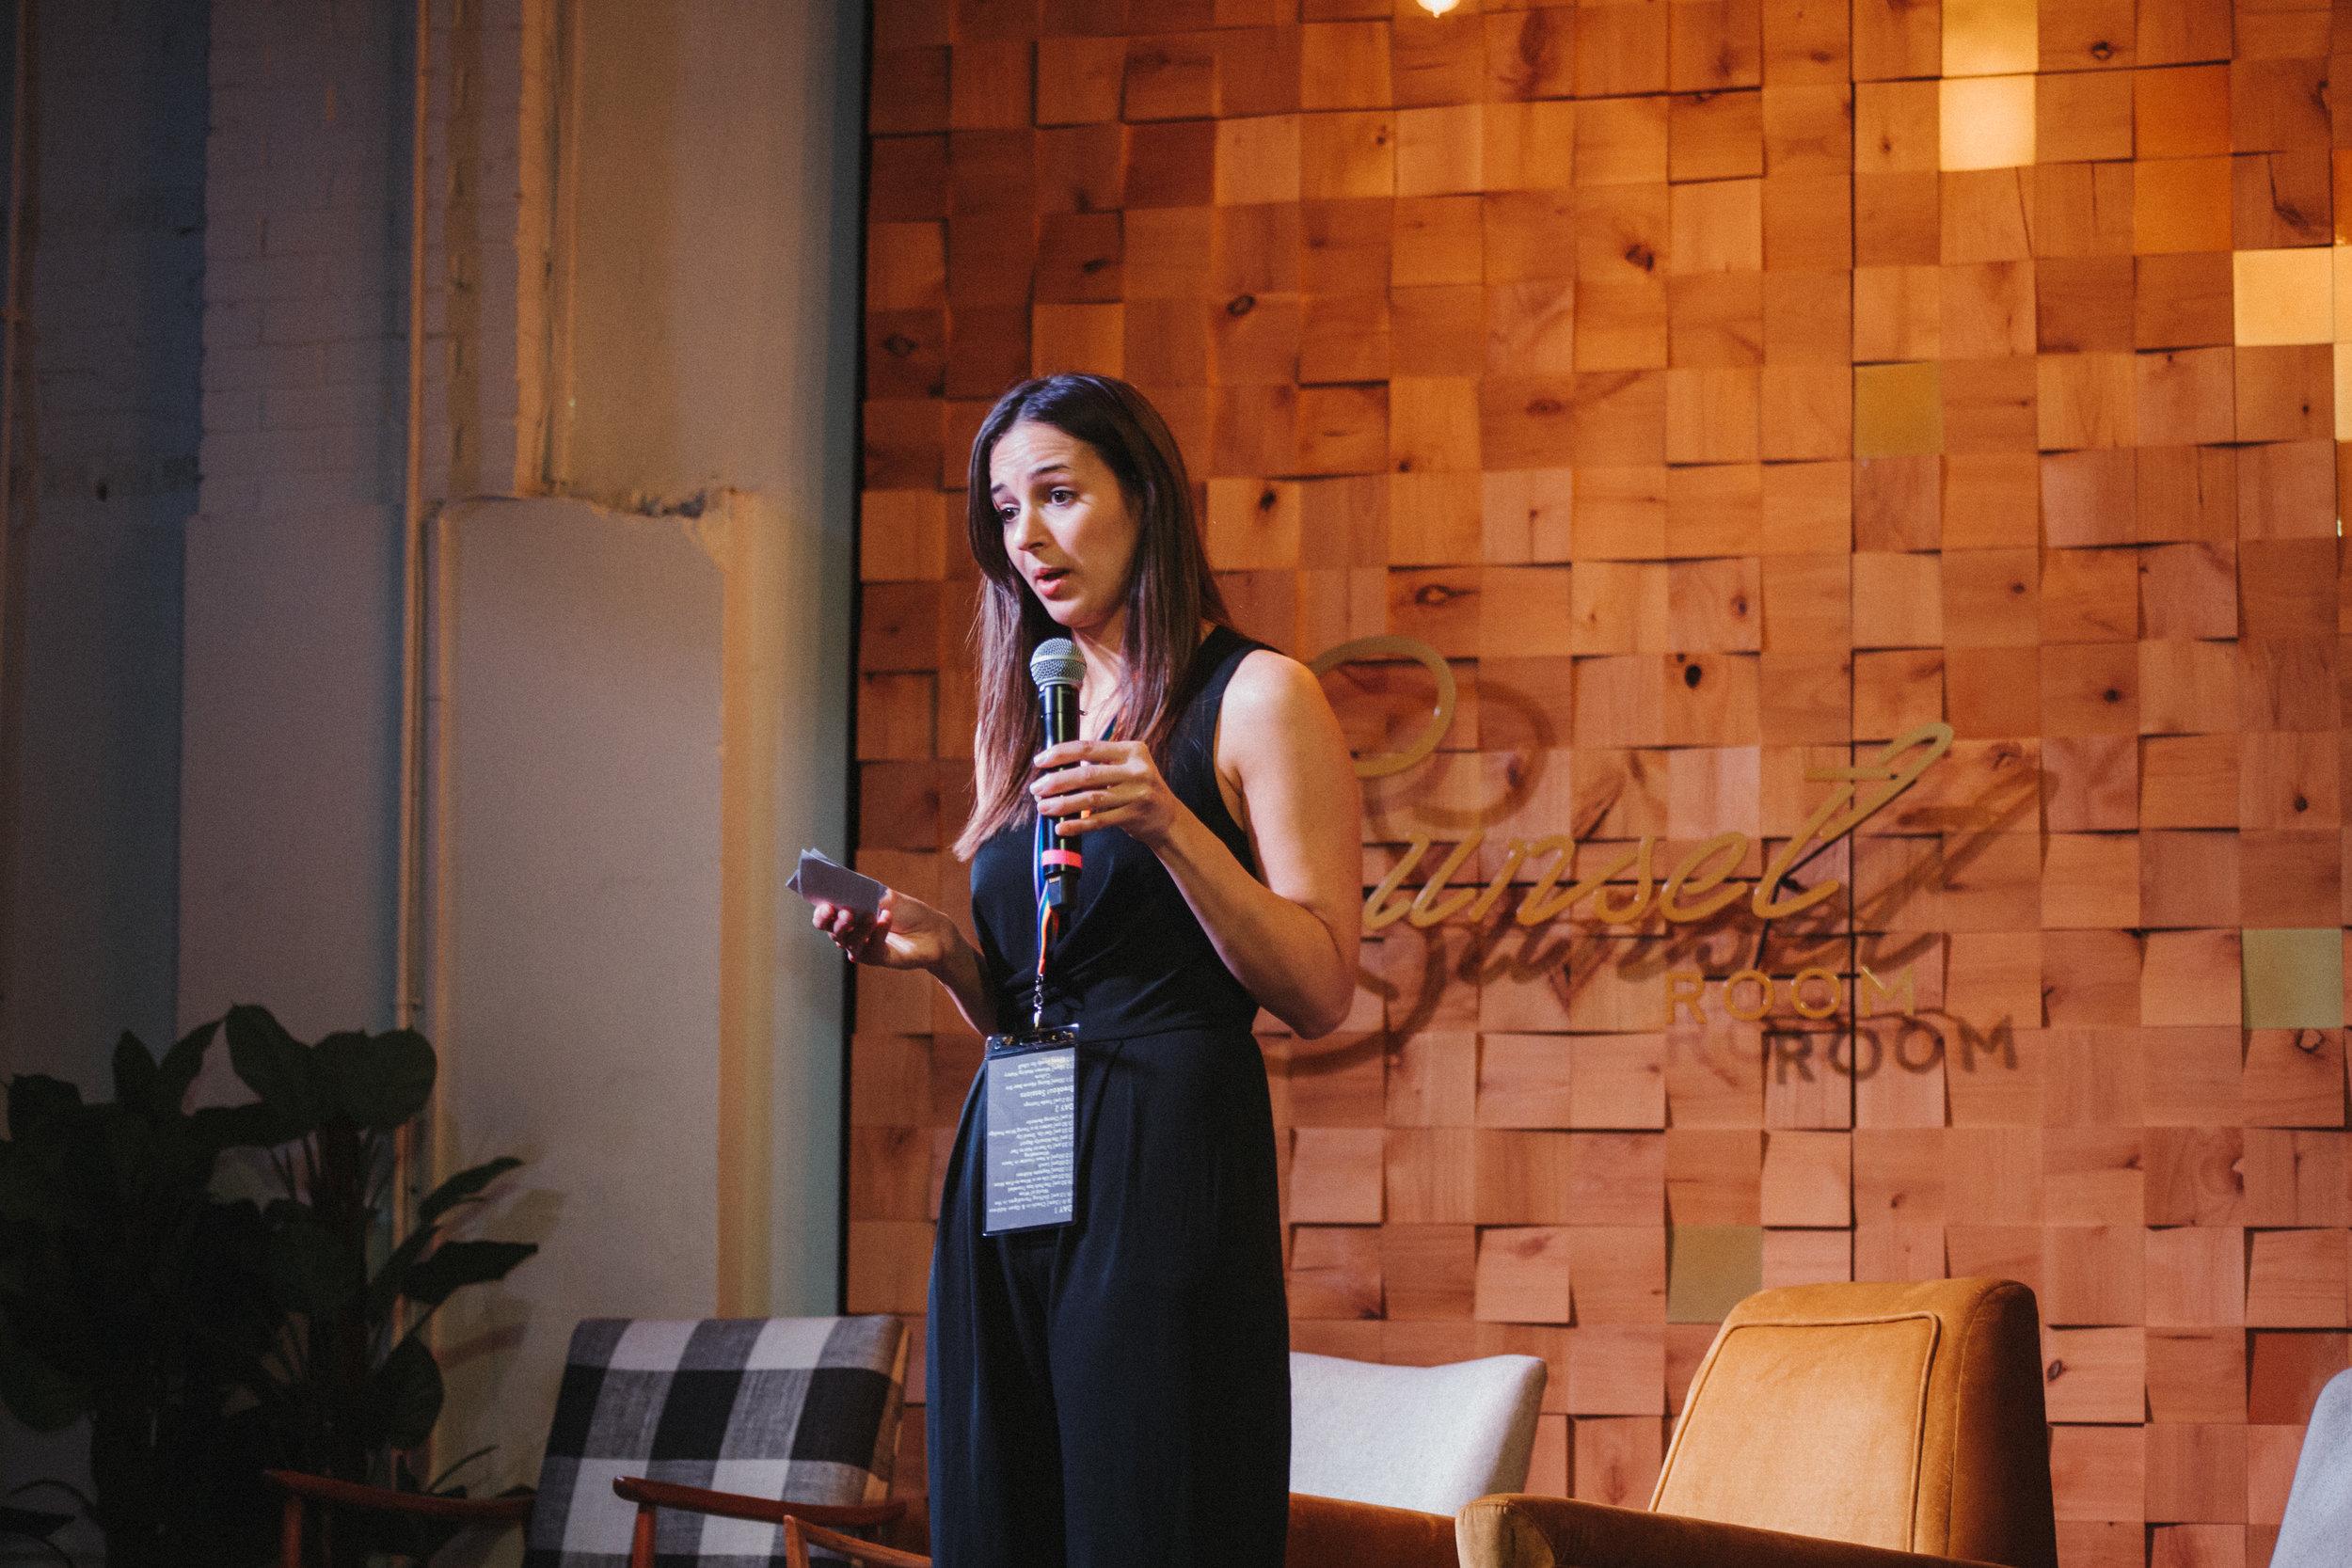 Closing remarks by WWOW Founder, Rania Zayyat